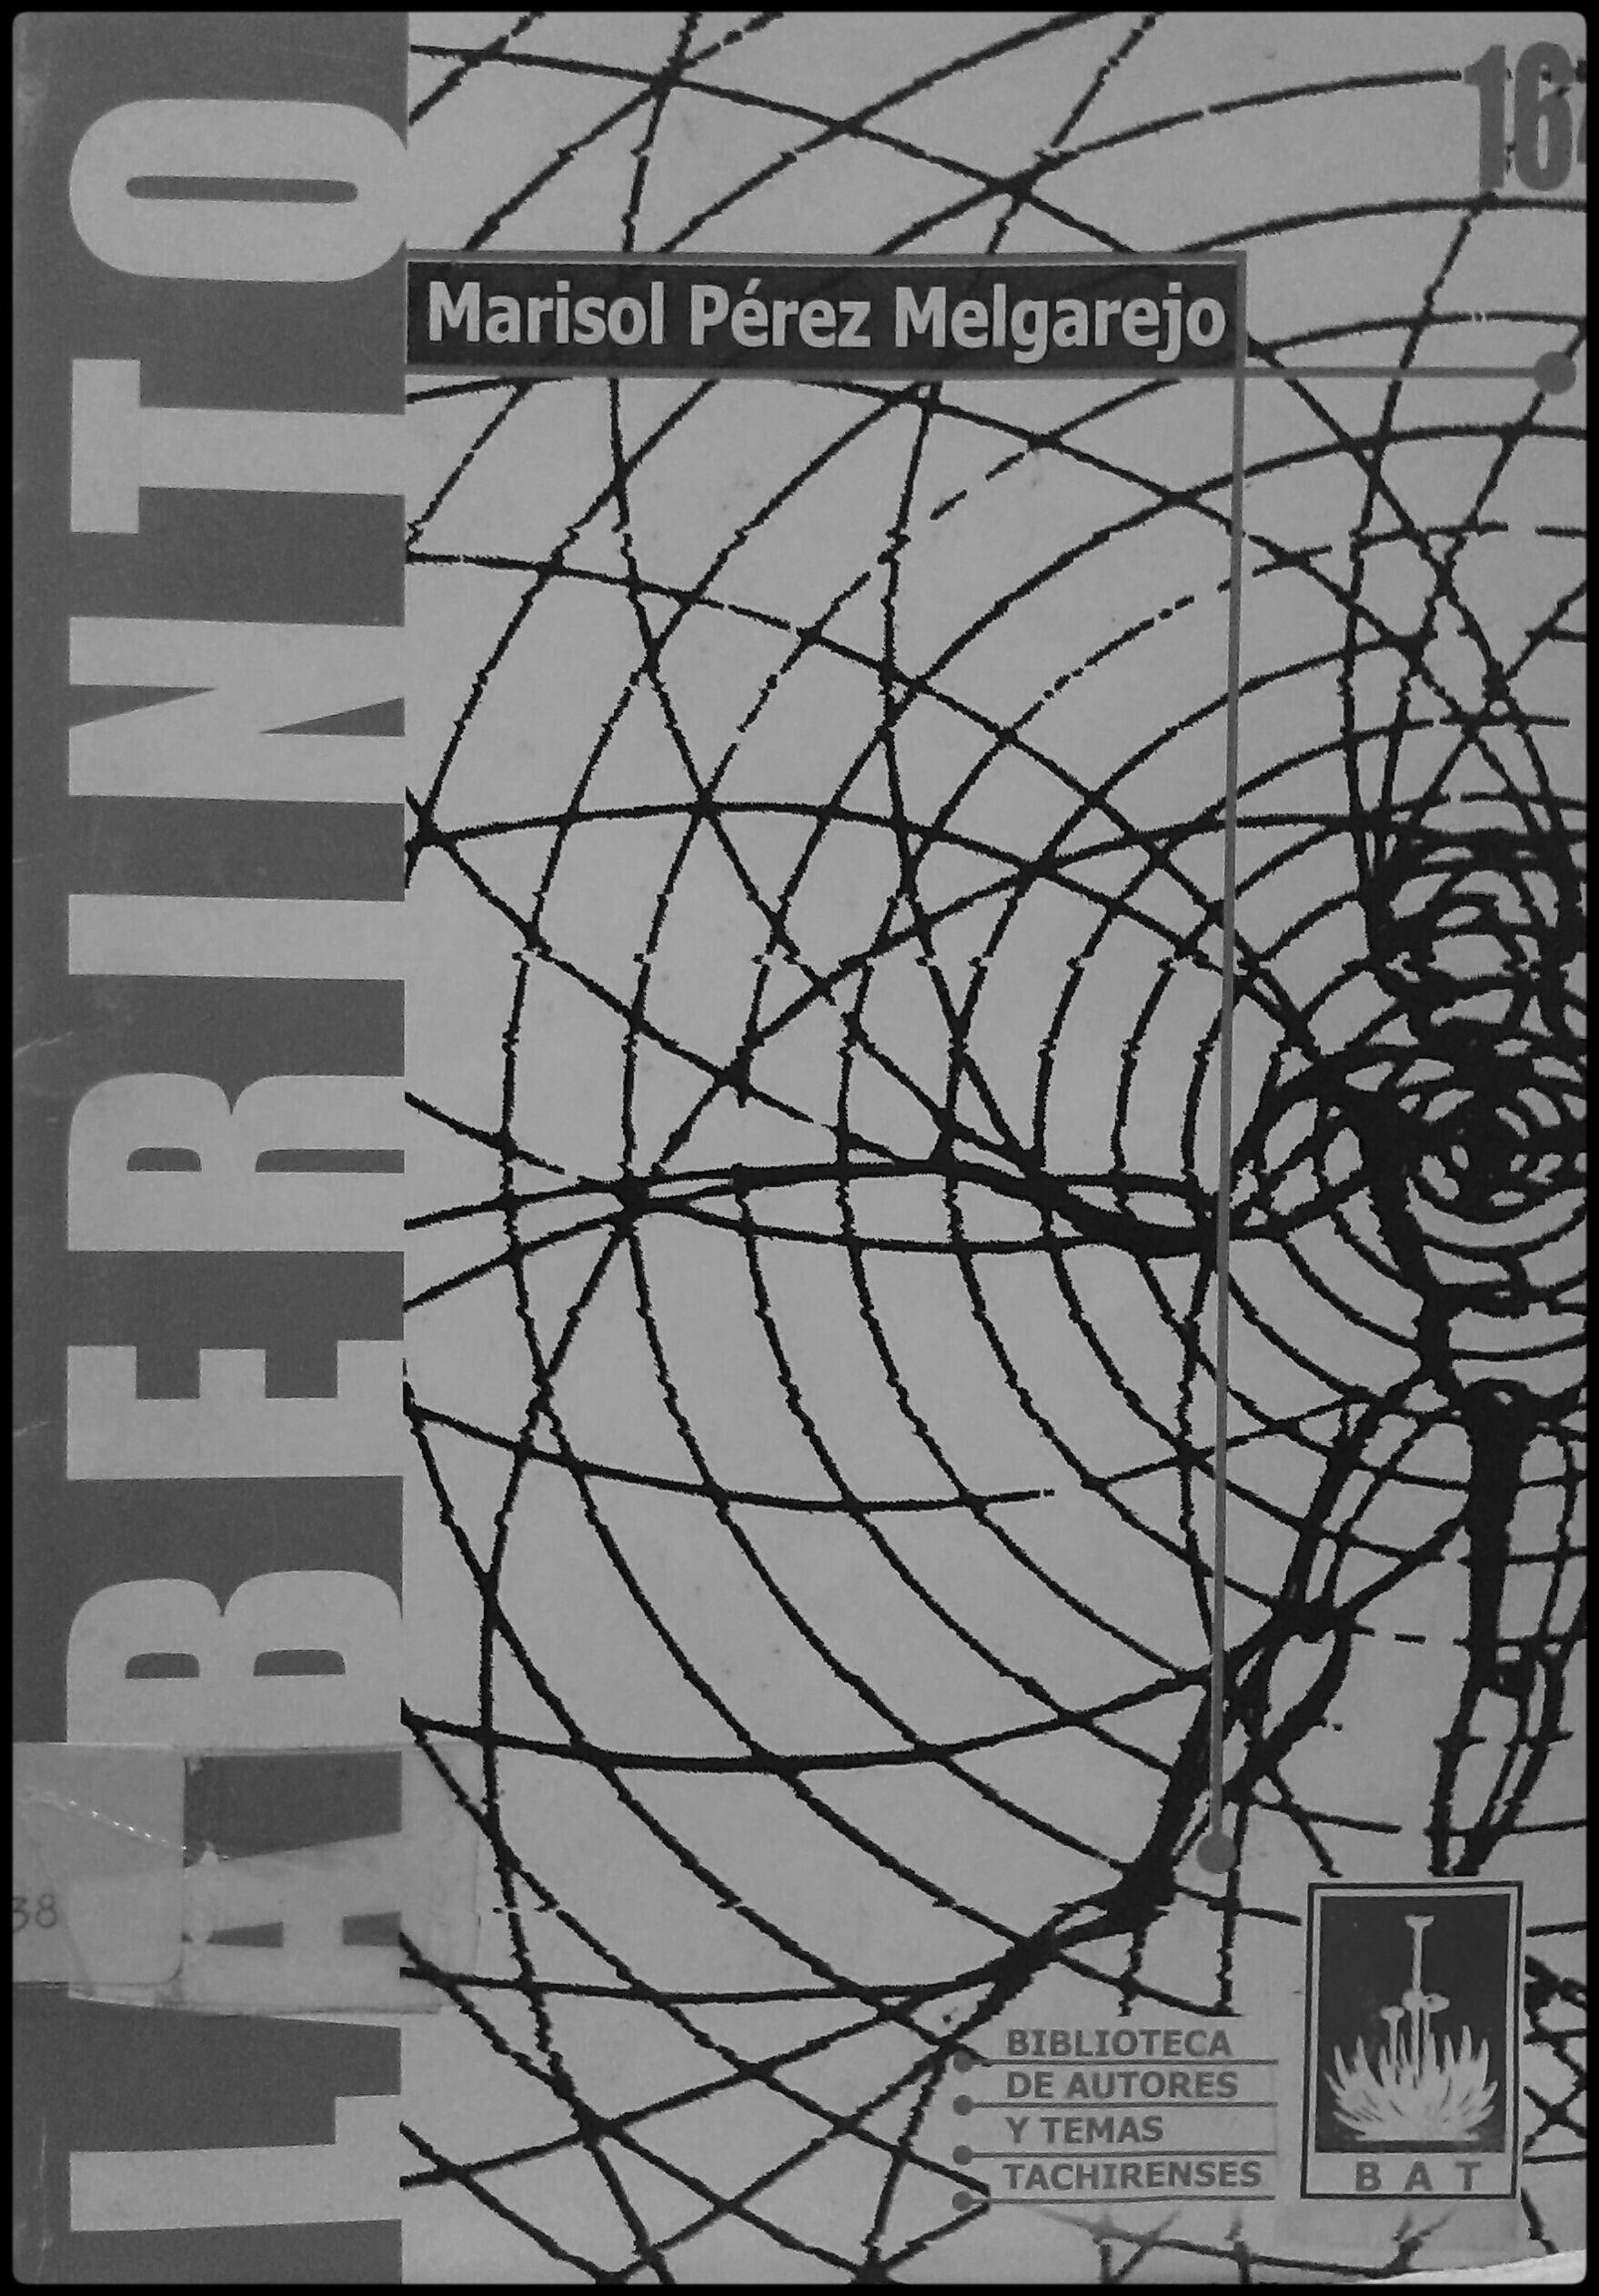 «Laberinto», de Marisol Pérez Melgarejo (Reseña)